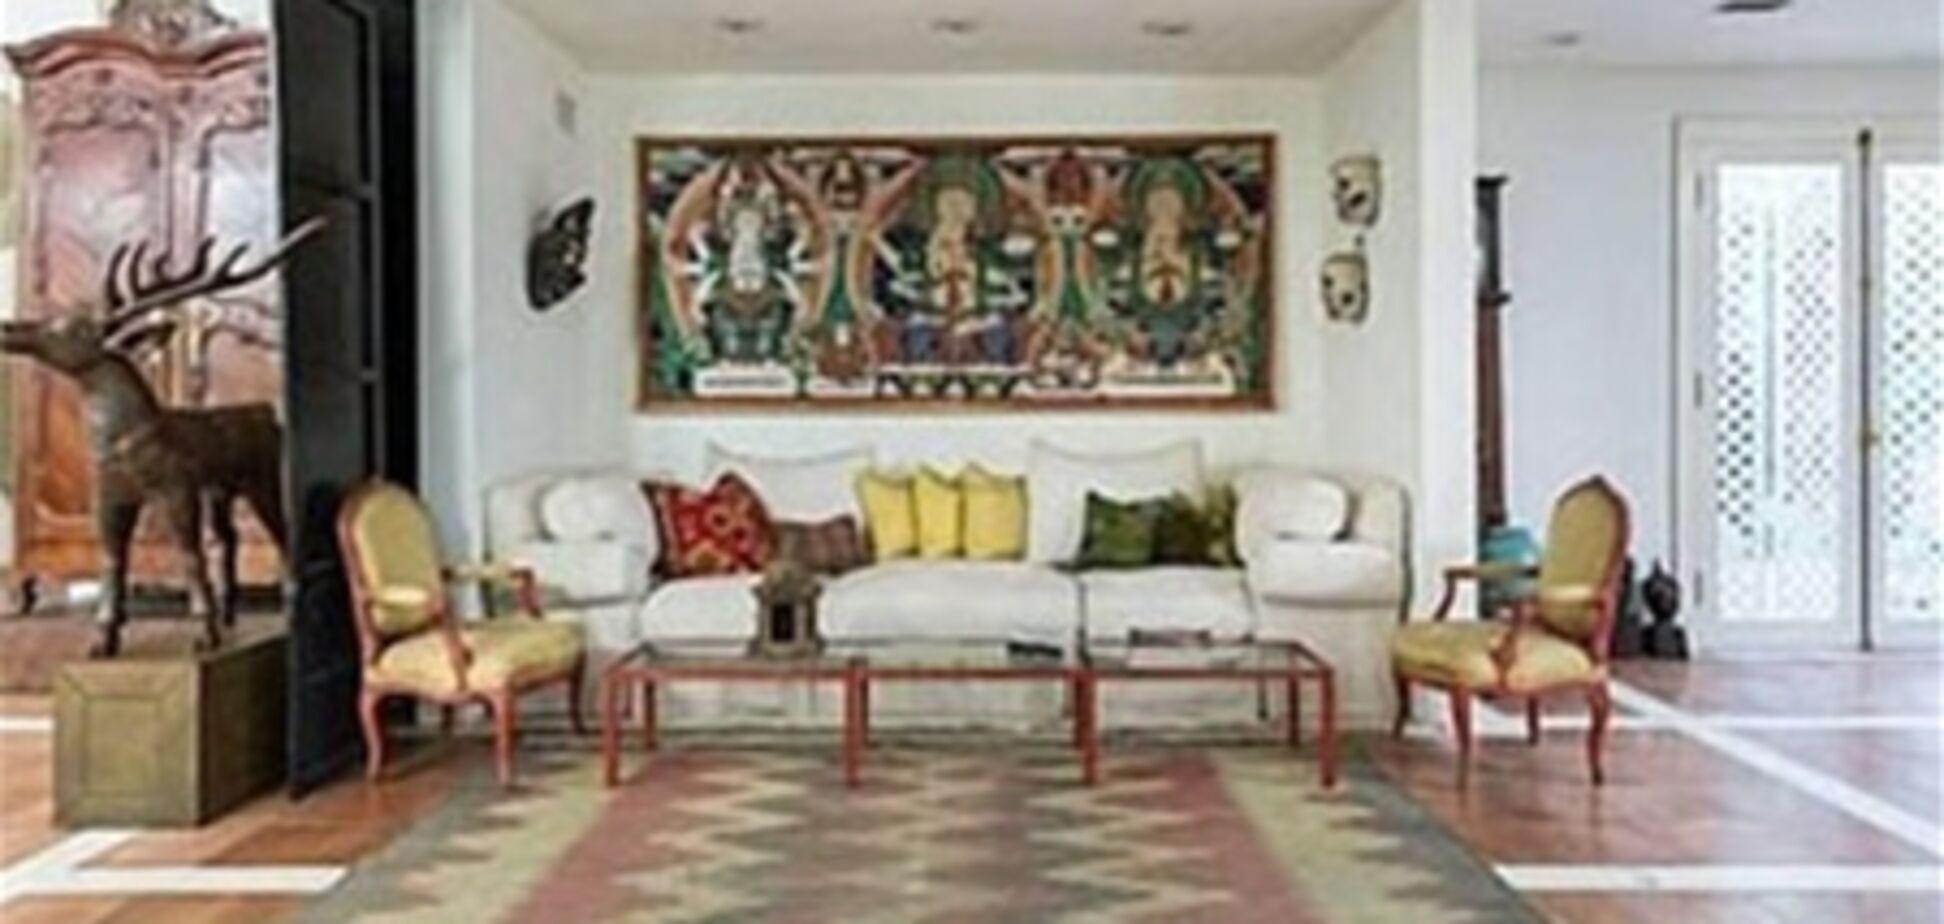 Колишнє житло Сінатри і Монро виставили на продаж